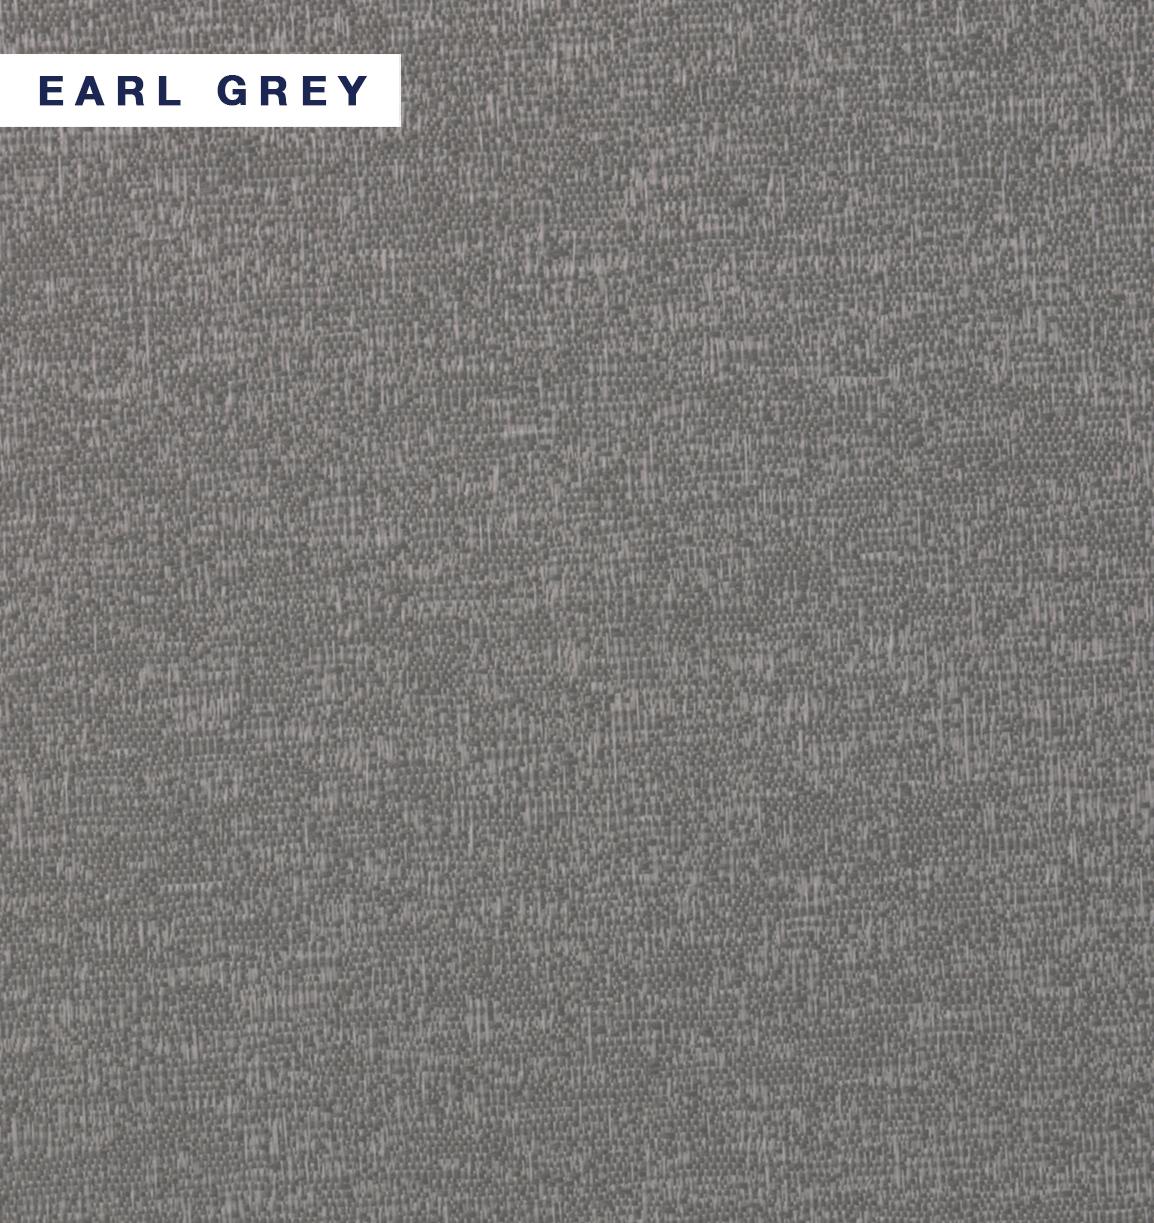 Skye - Earl Grey.jpg